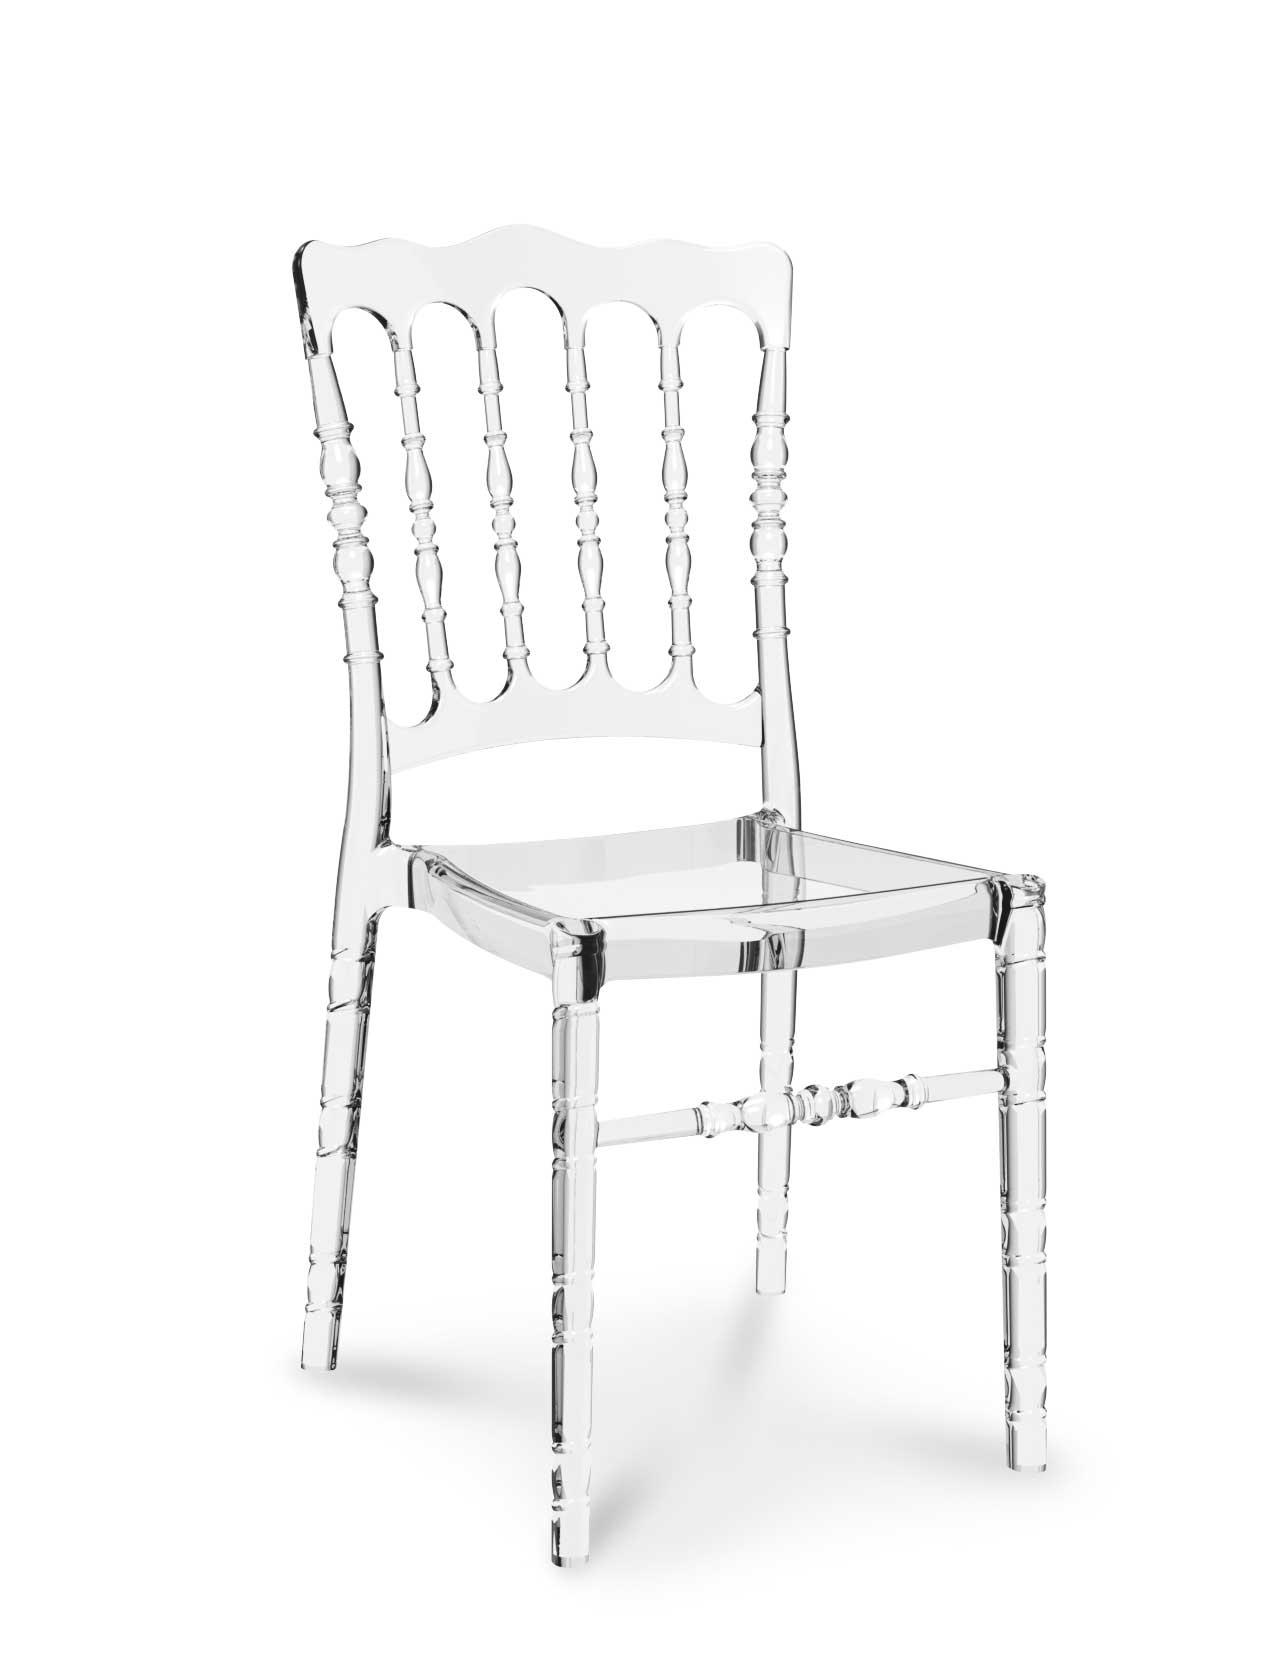 acryl ghost plexiglas vintage hochzeit stuhl transparent klar durchsichtig neu ebay. Black Bedroom Furniture Sets. Home Design Ideas